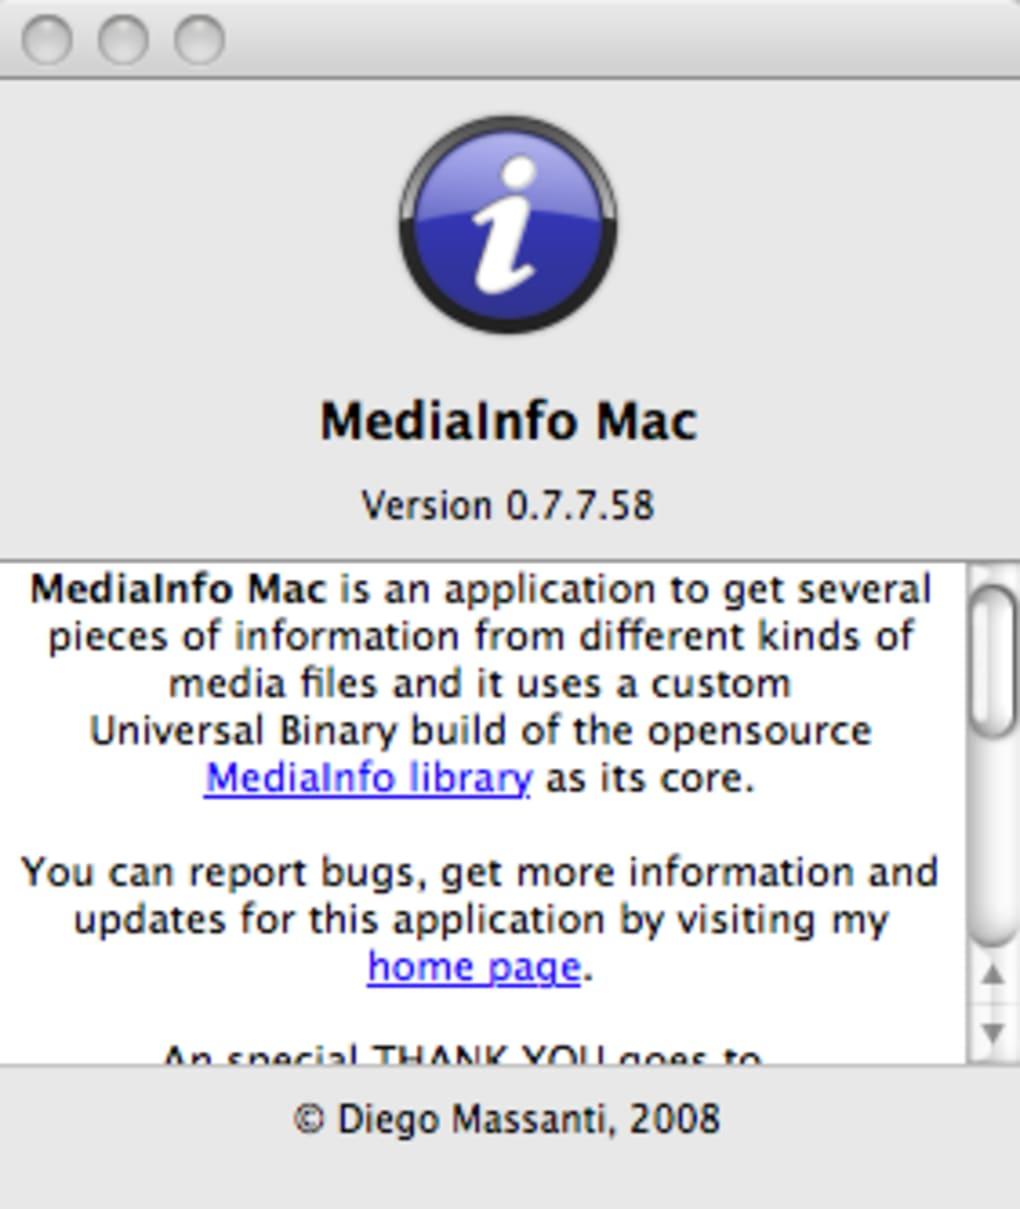 mediainfo mac